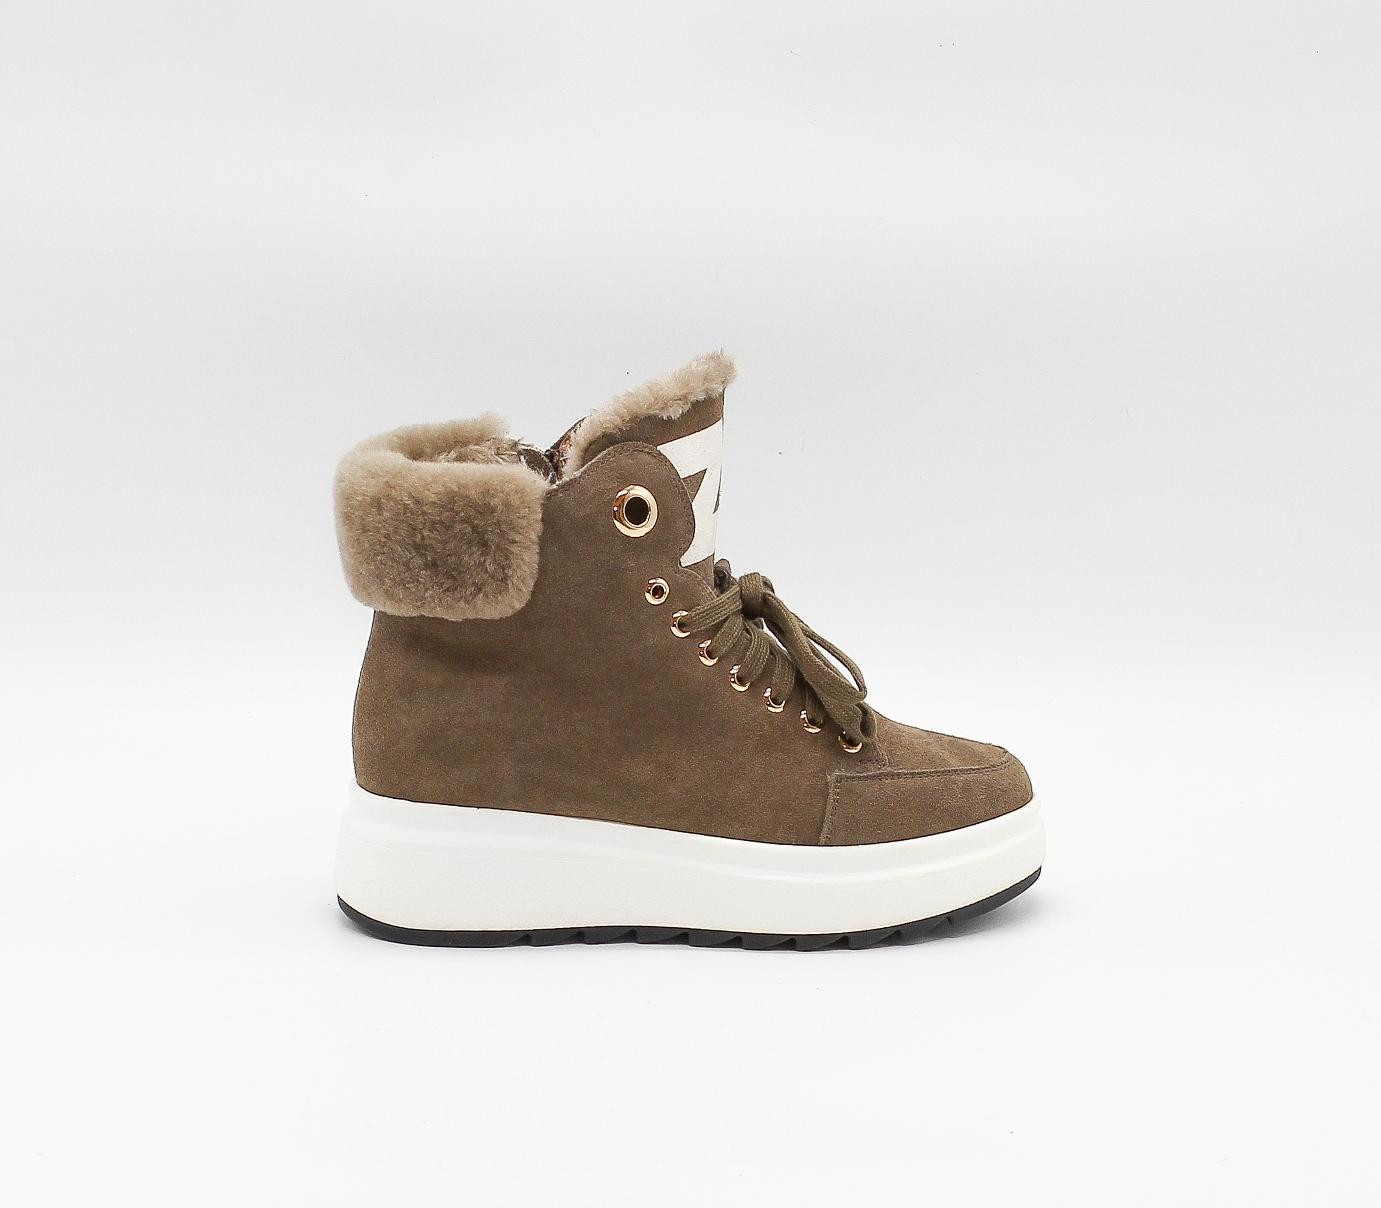 Утеплённые ботинки песочного цвета из натурального велюра